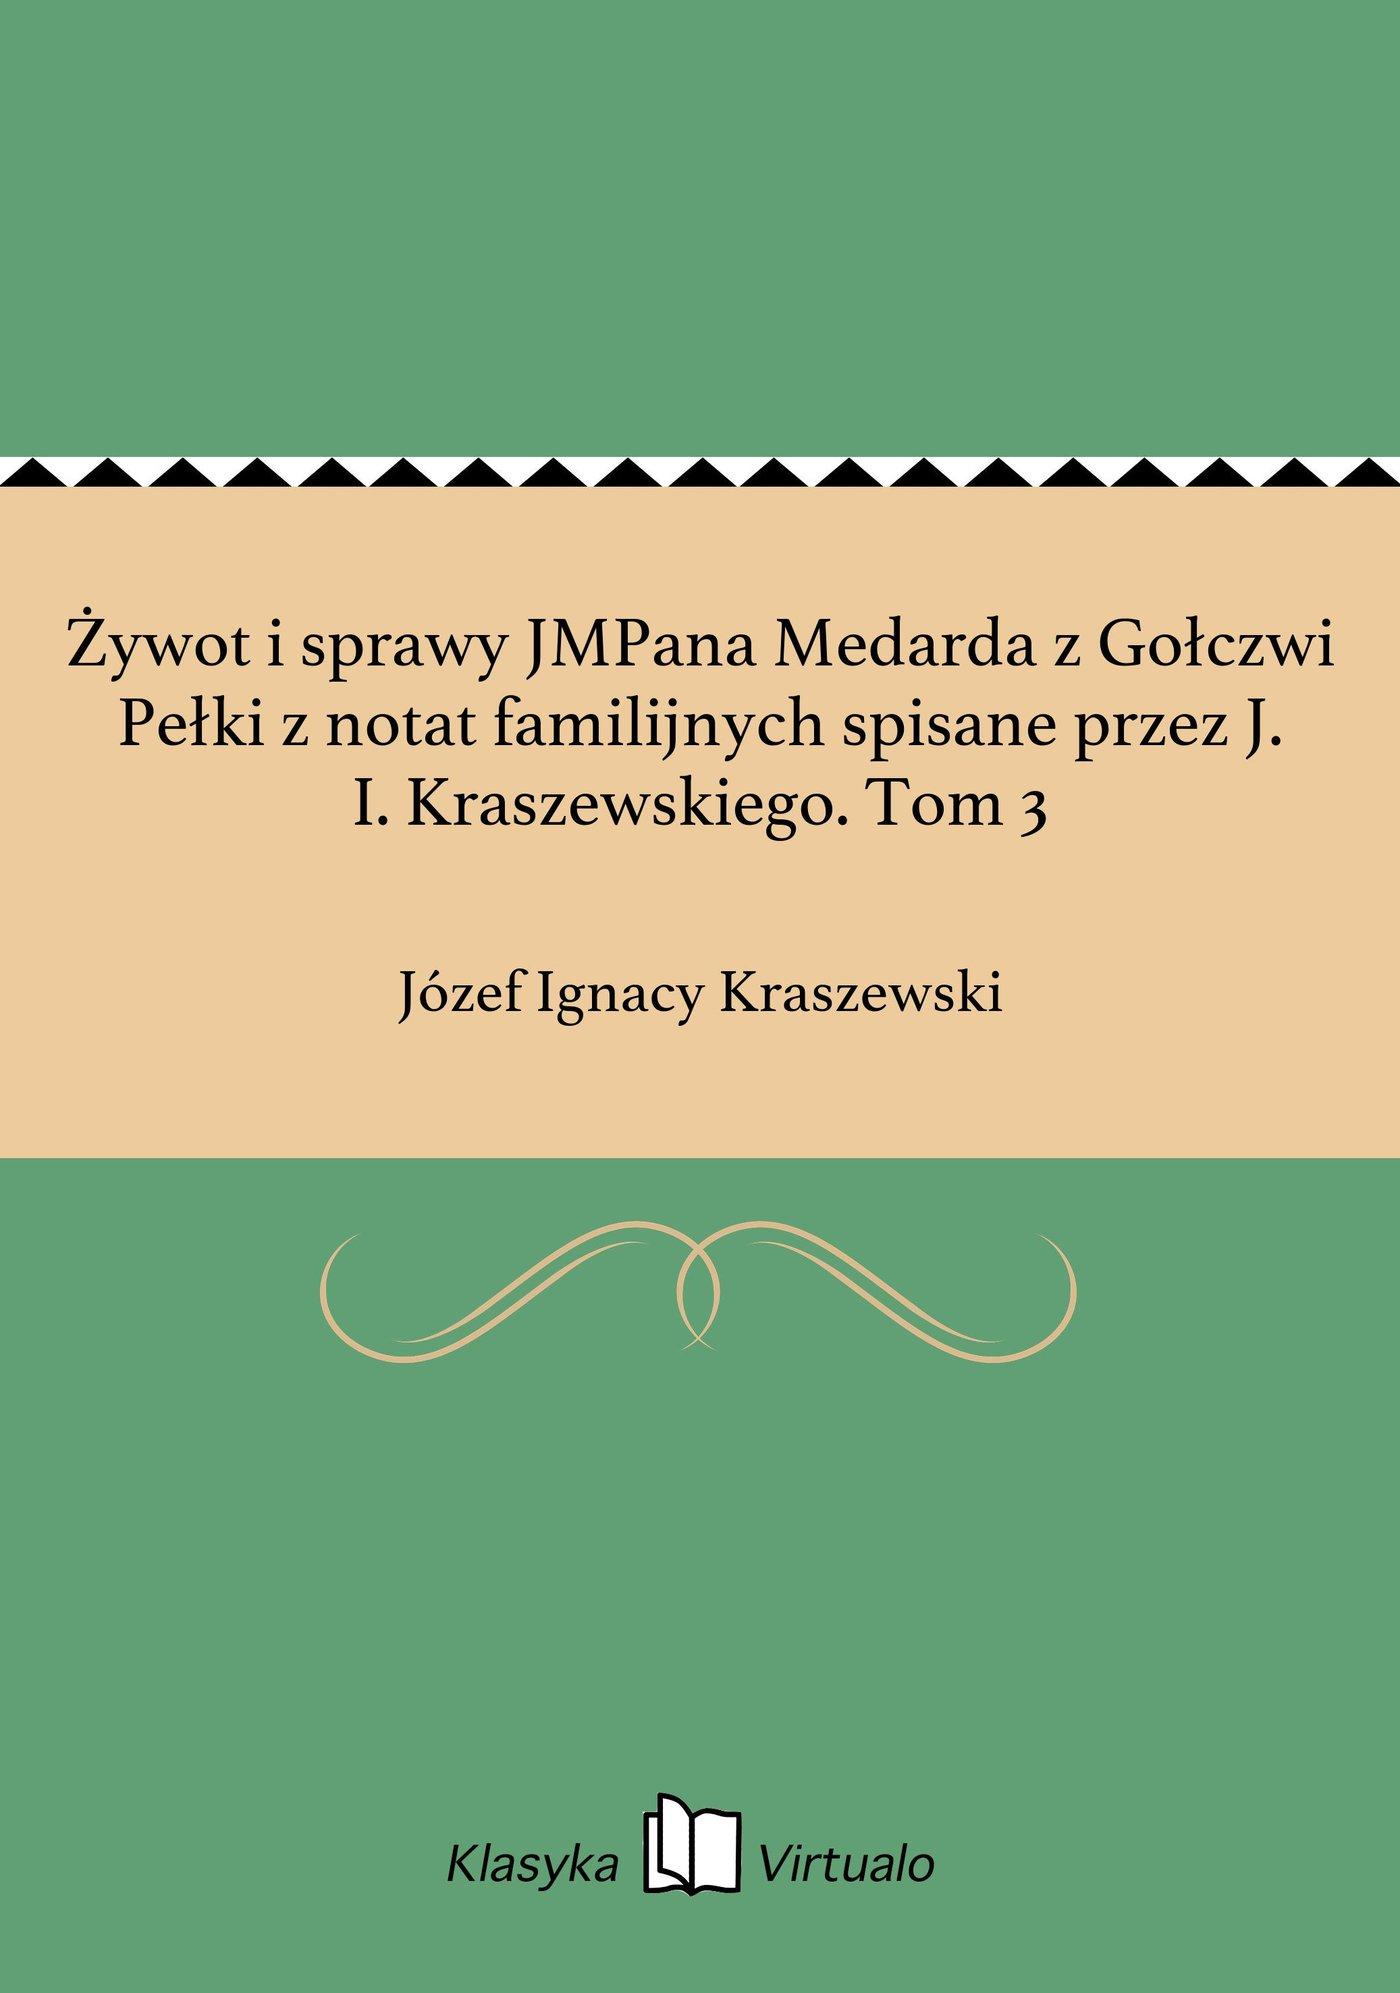 Żywot i sprawy JMPana Medarda z Gołczwi Pełki z notat familijnych spisane przez J. I. Kraszewskiego. Tom 3 - Ebook (Książka EPUB) do pobrania w formacie EPUB